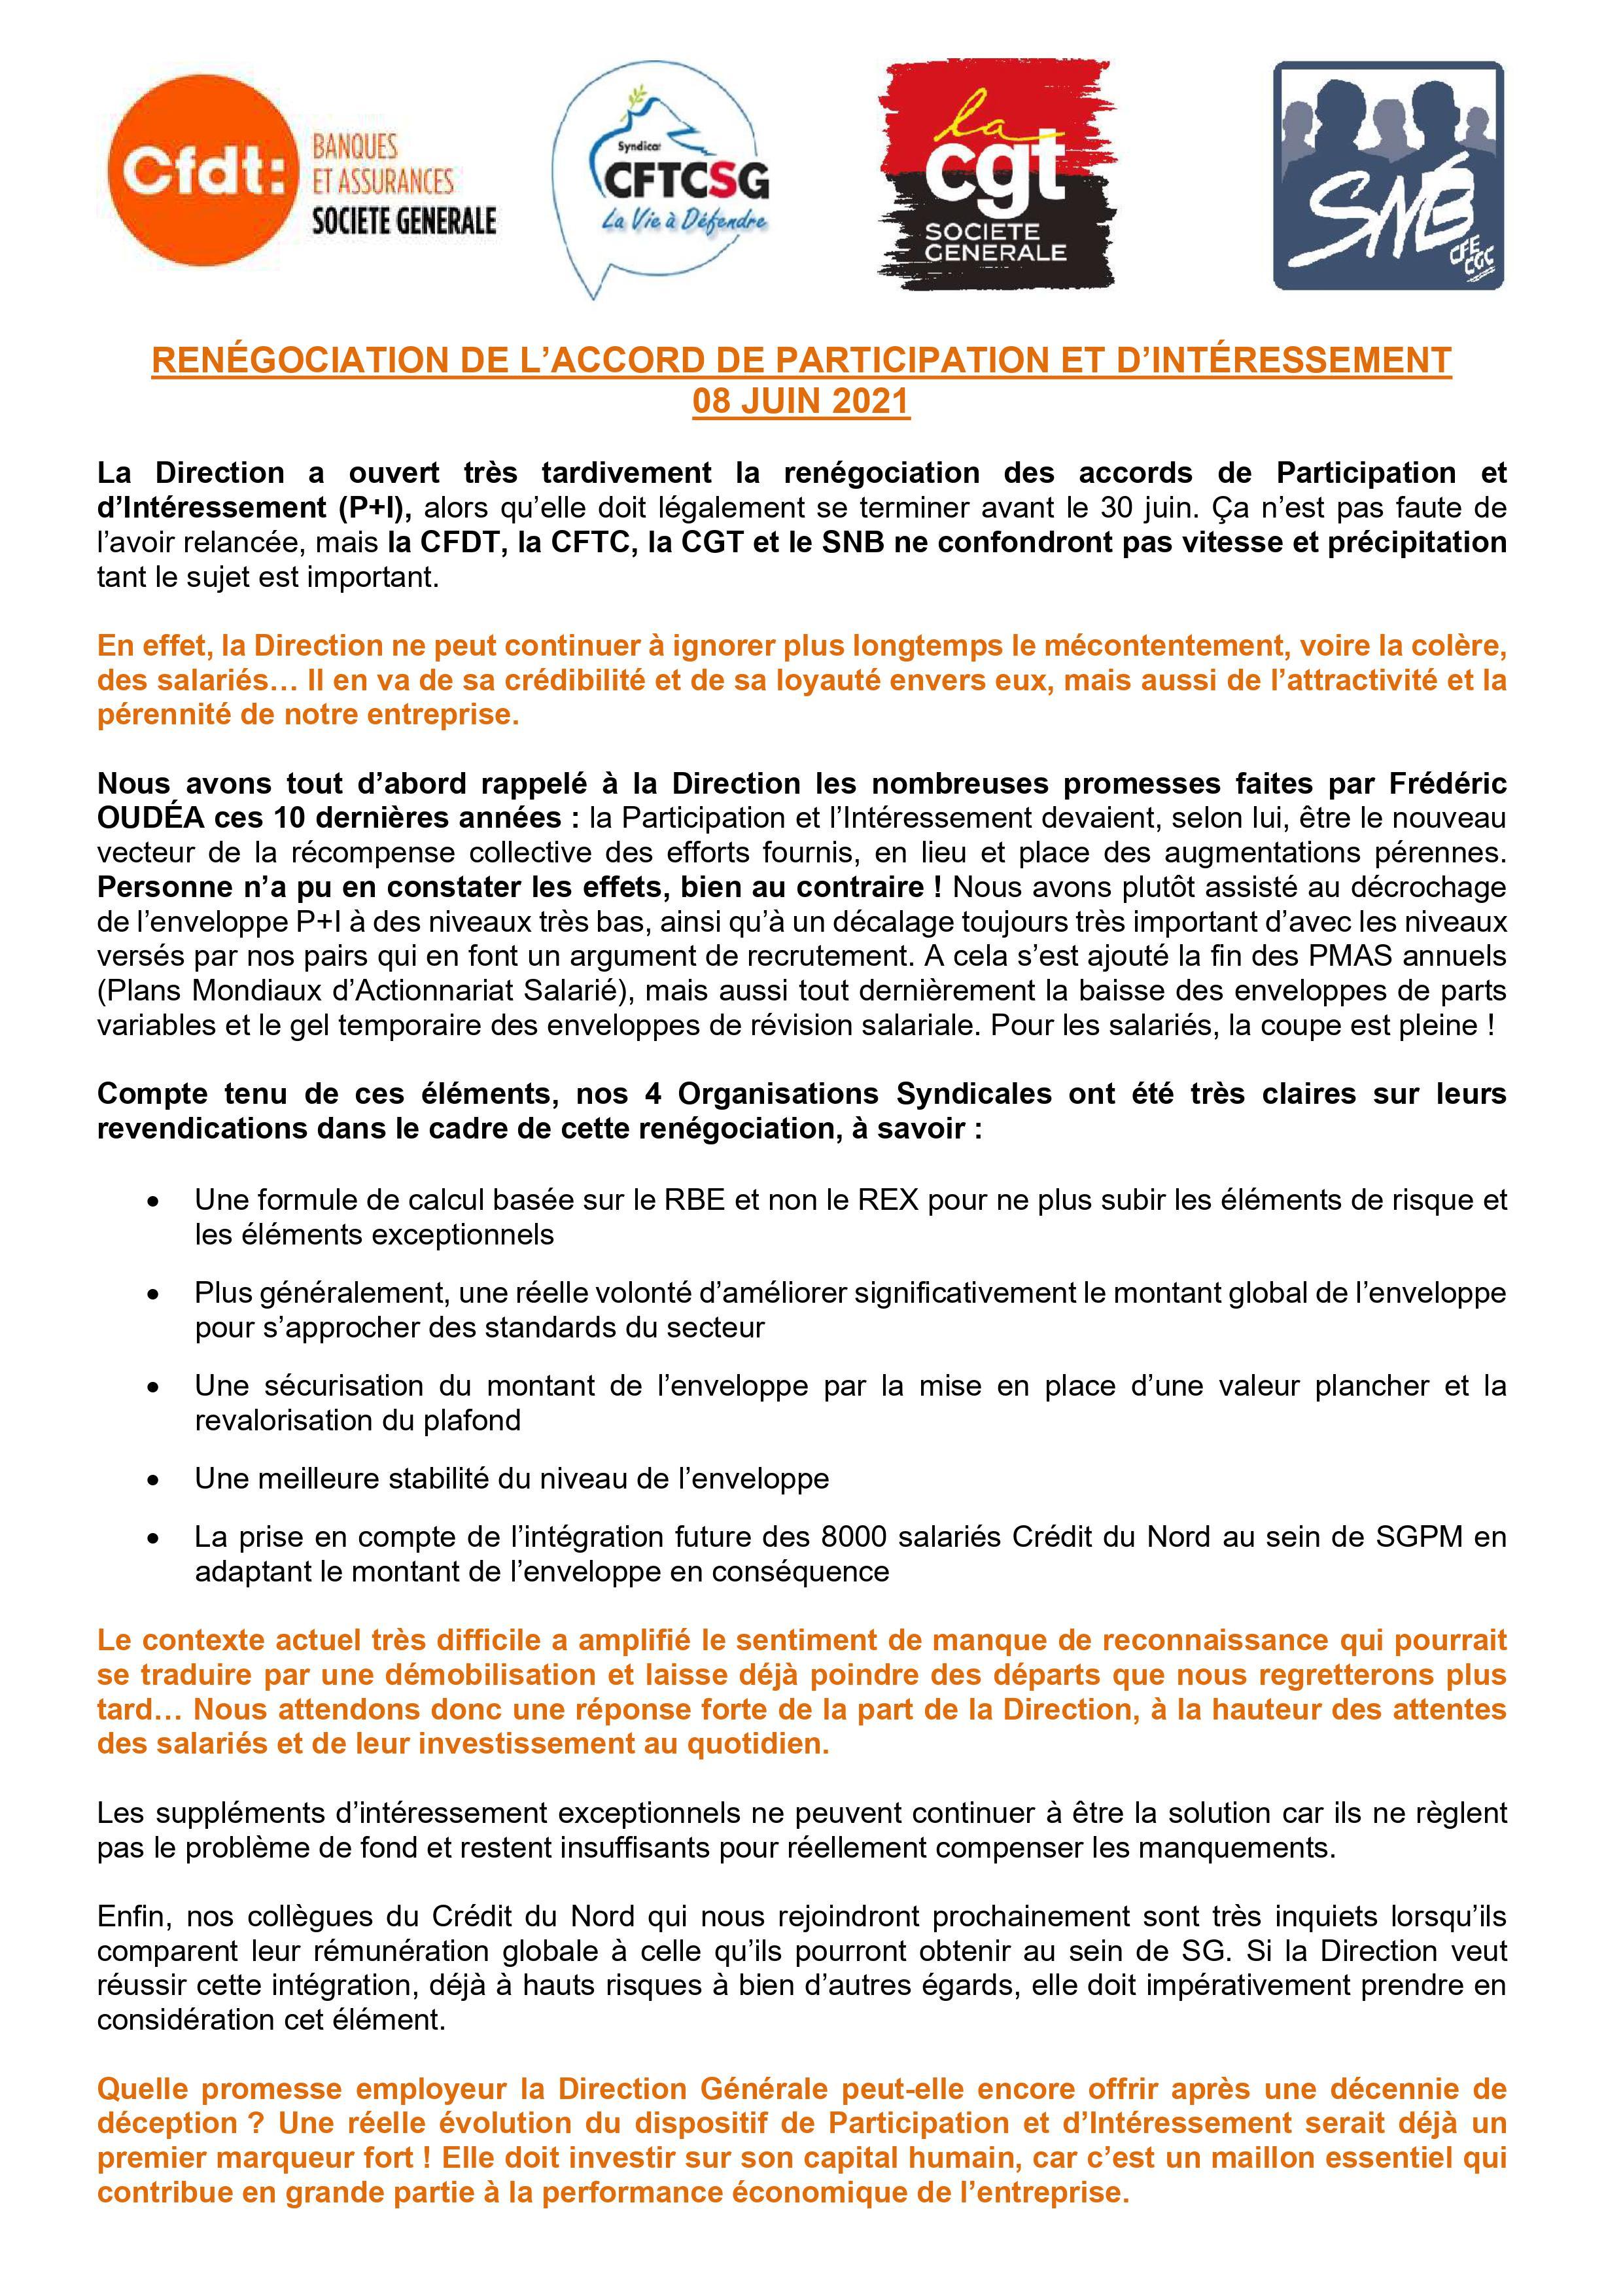 Unité syndicale pour une renégociation des accords intéressement et participation